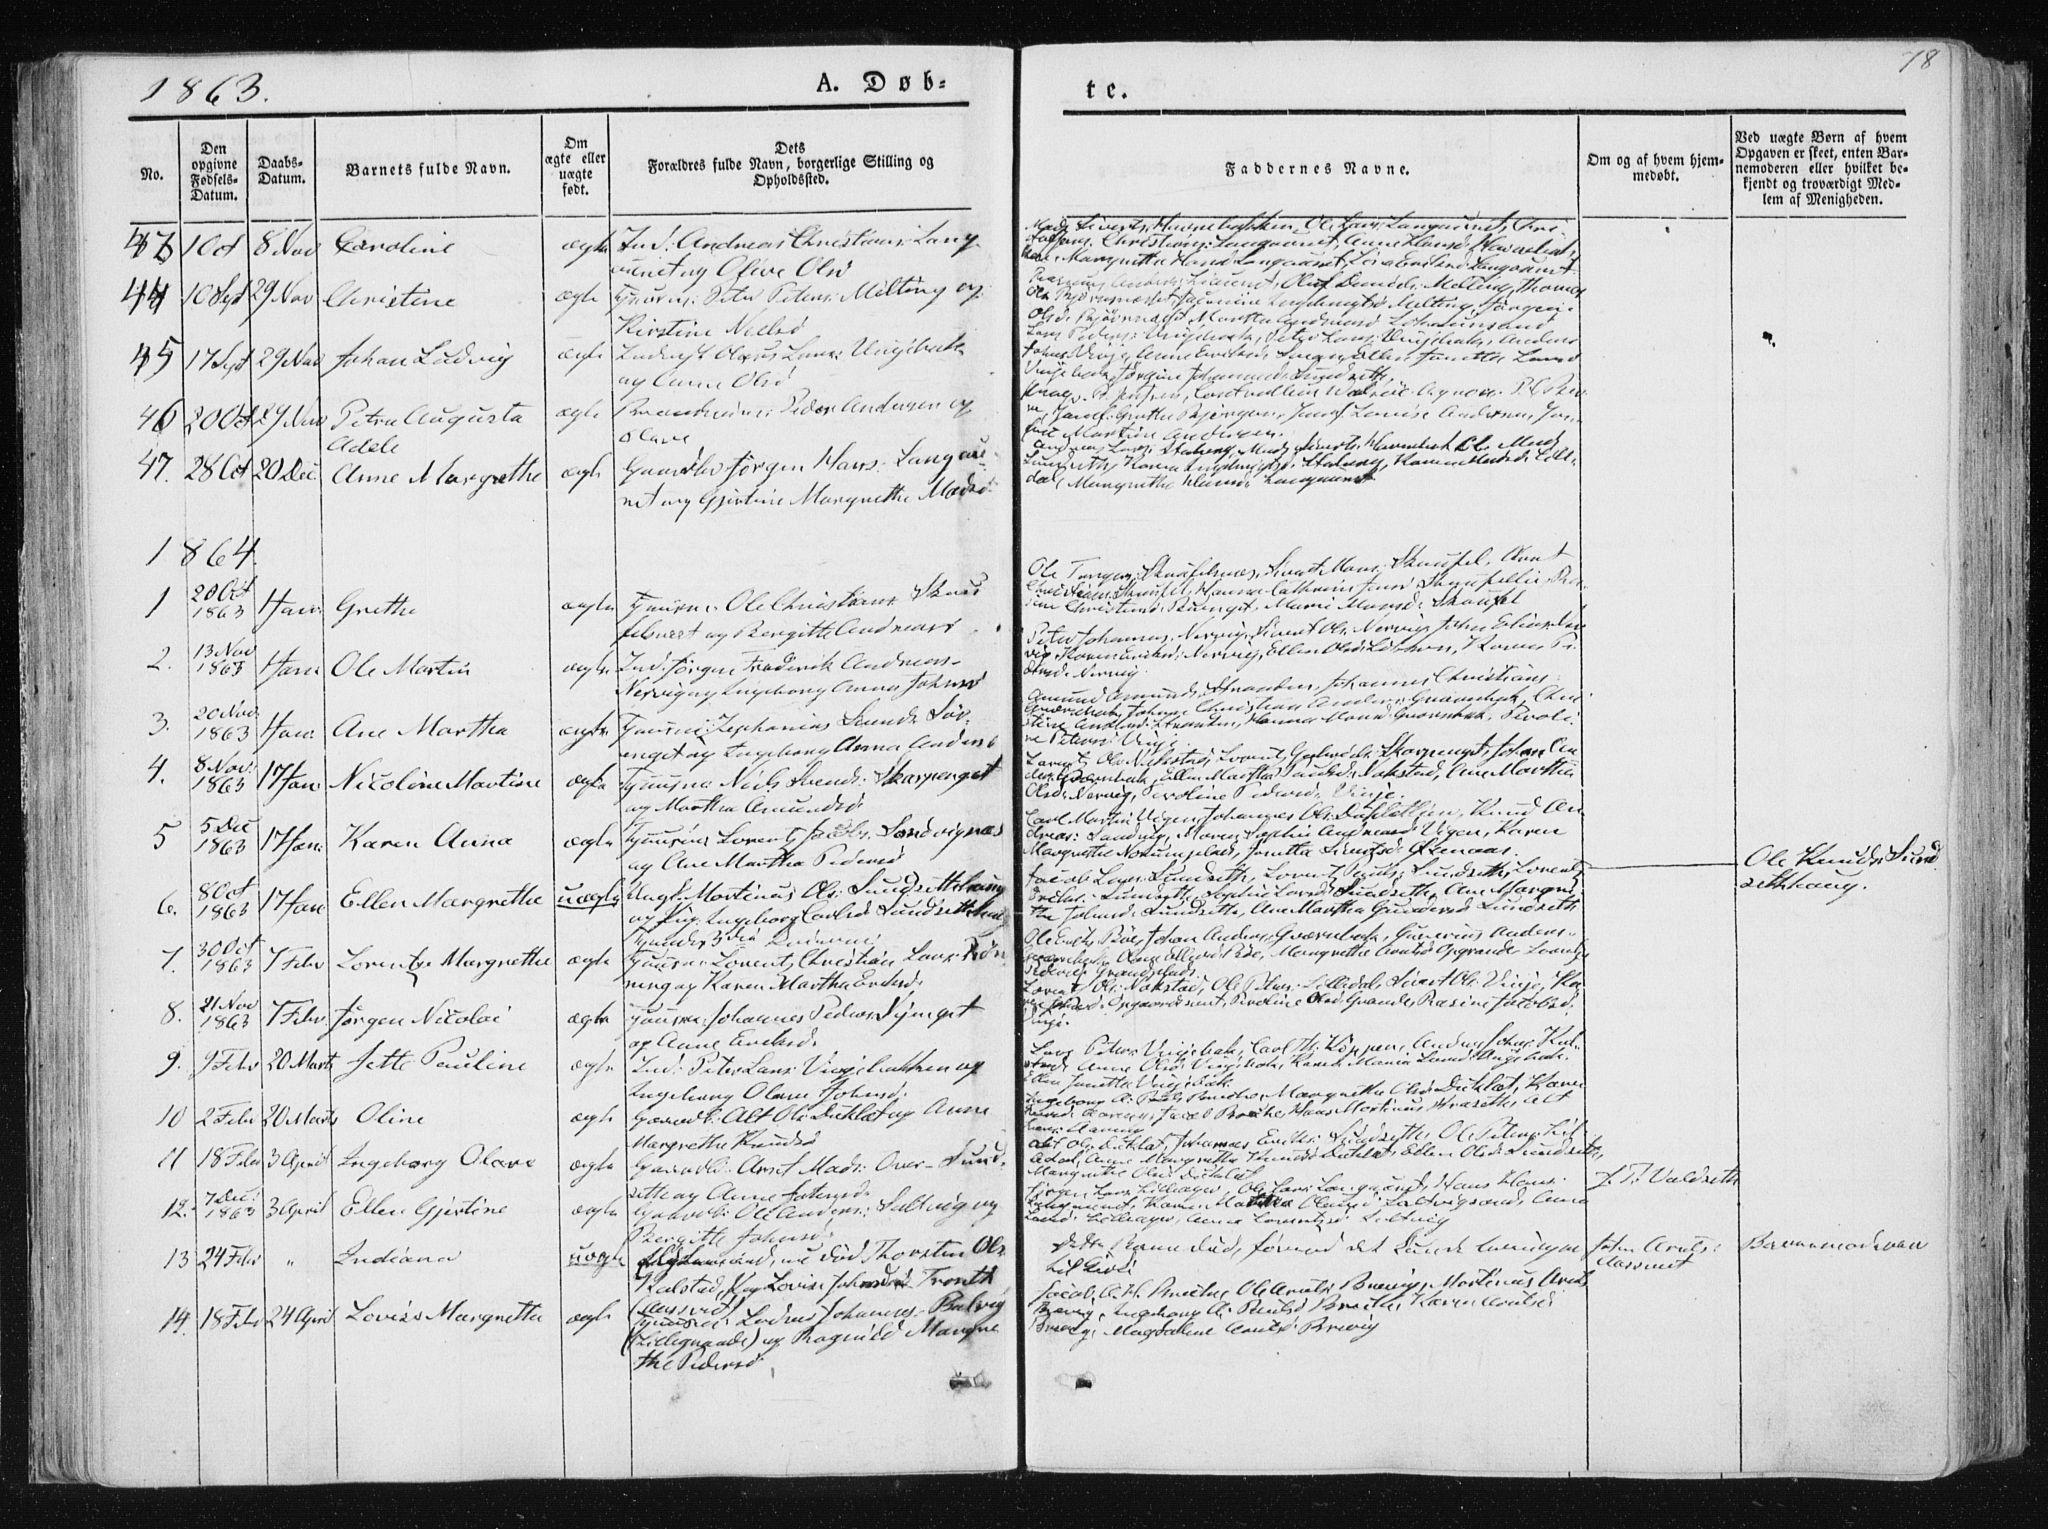 SAT, Ministerialprotokoller, klokkerbøker og fødselsregistre - Nord-Trøndelag, 733/L0323: Ministerialbok nr. 733A02, 1843-1870, s. 78